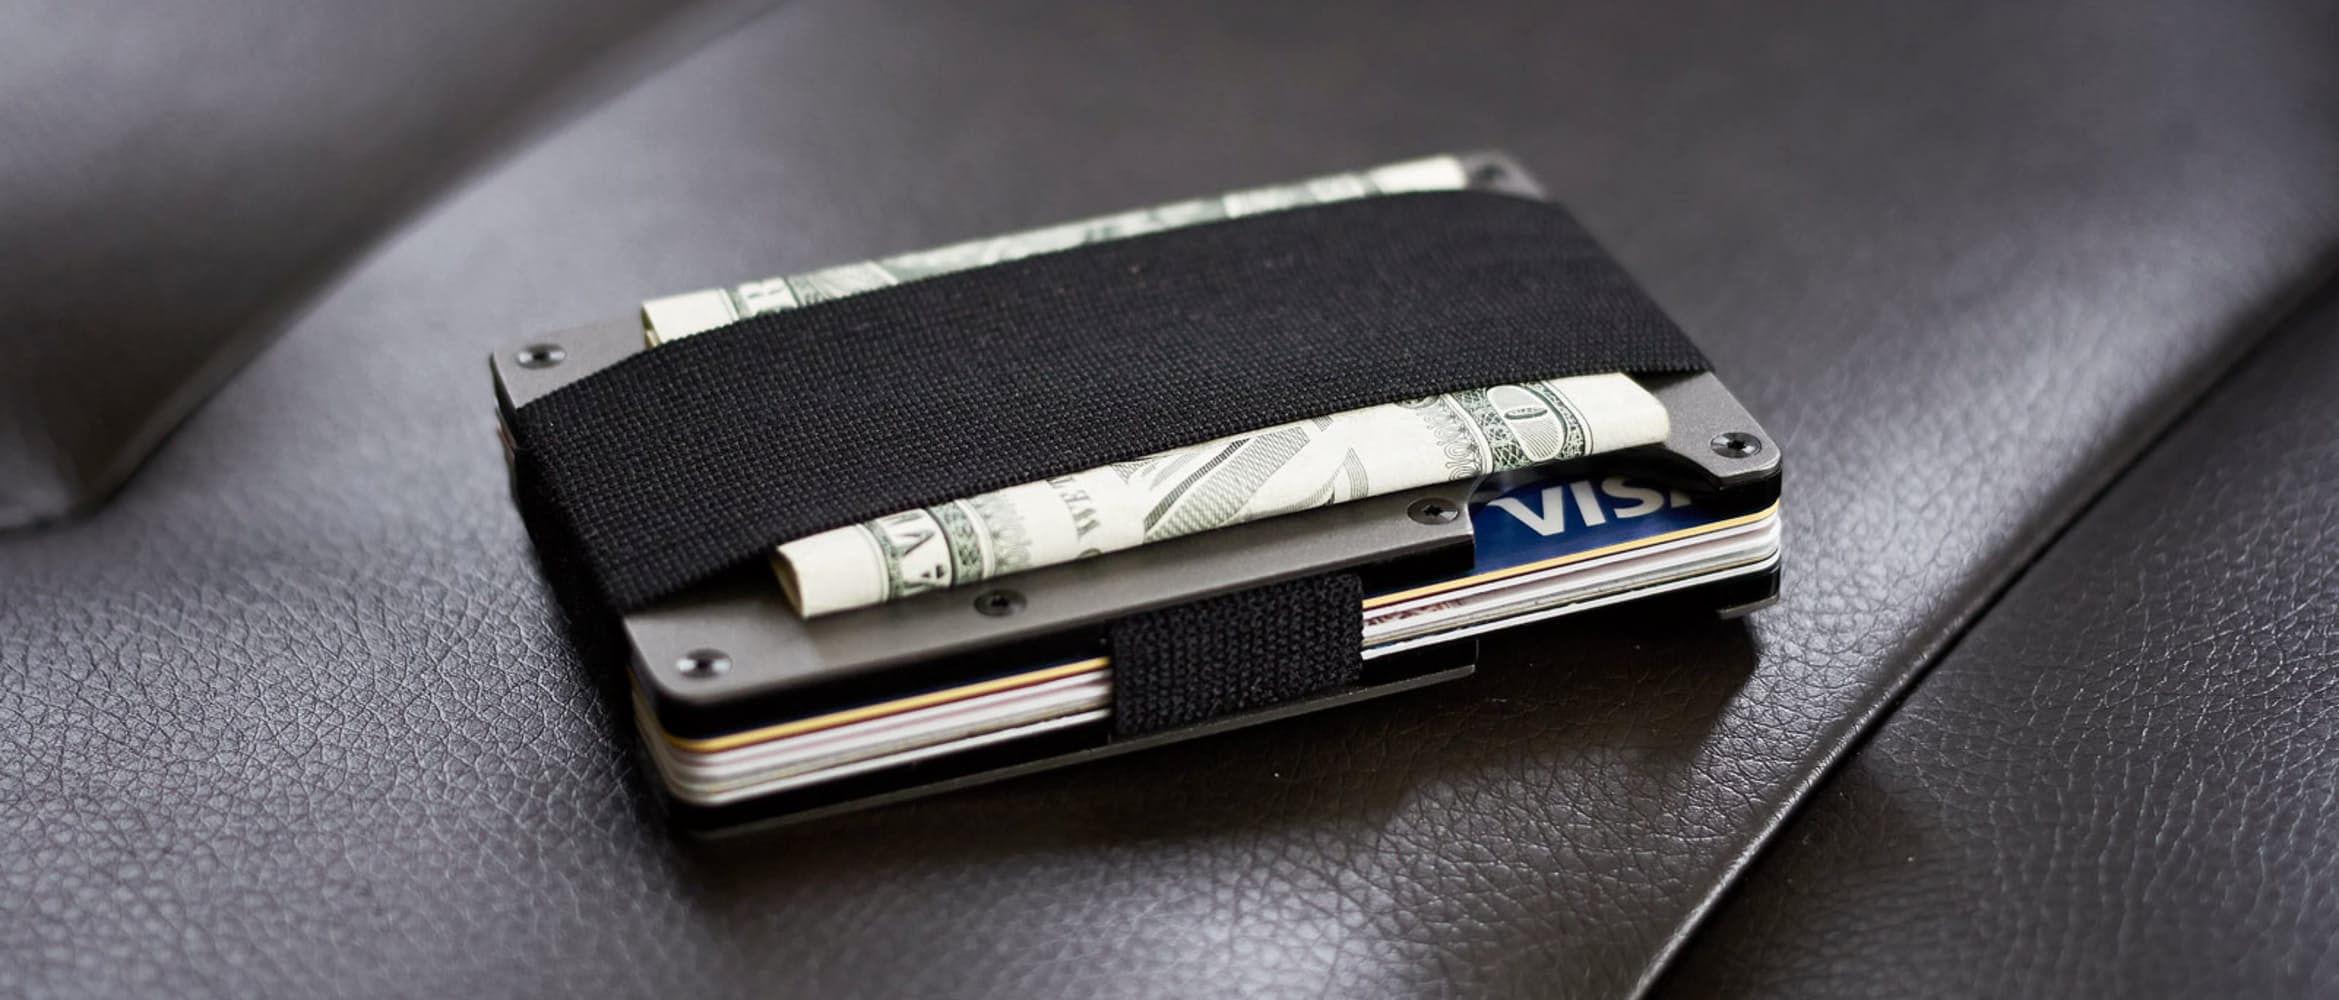 Featured 2x minimalist wallets huckberry ridge.png?ixlib=rails 2.1